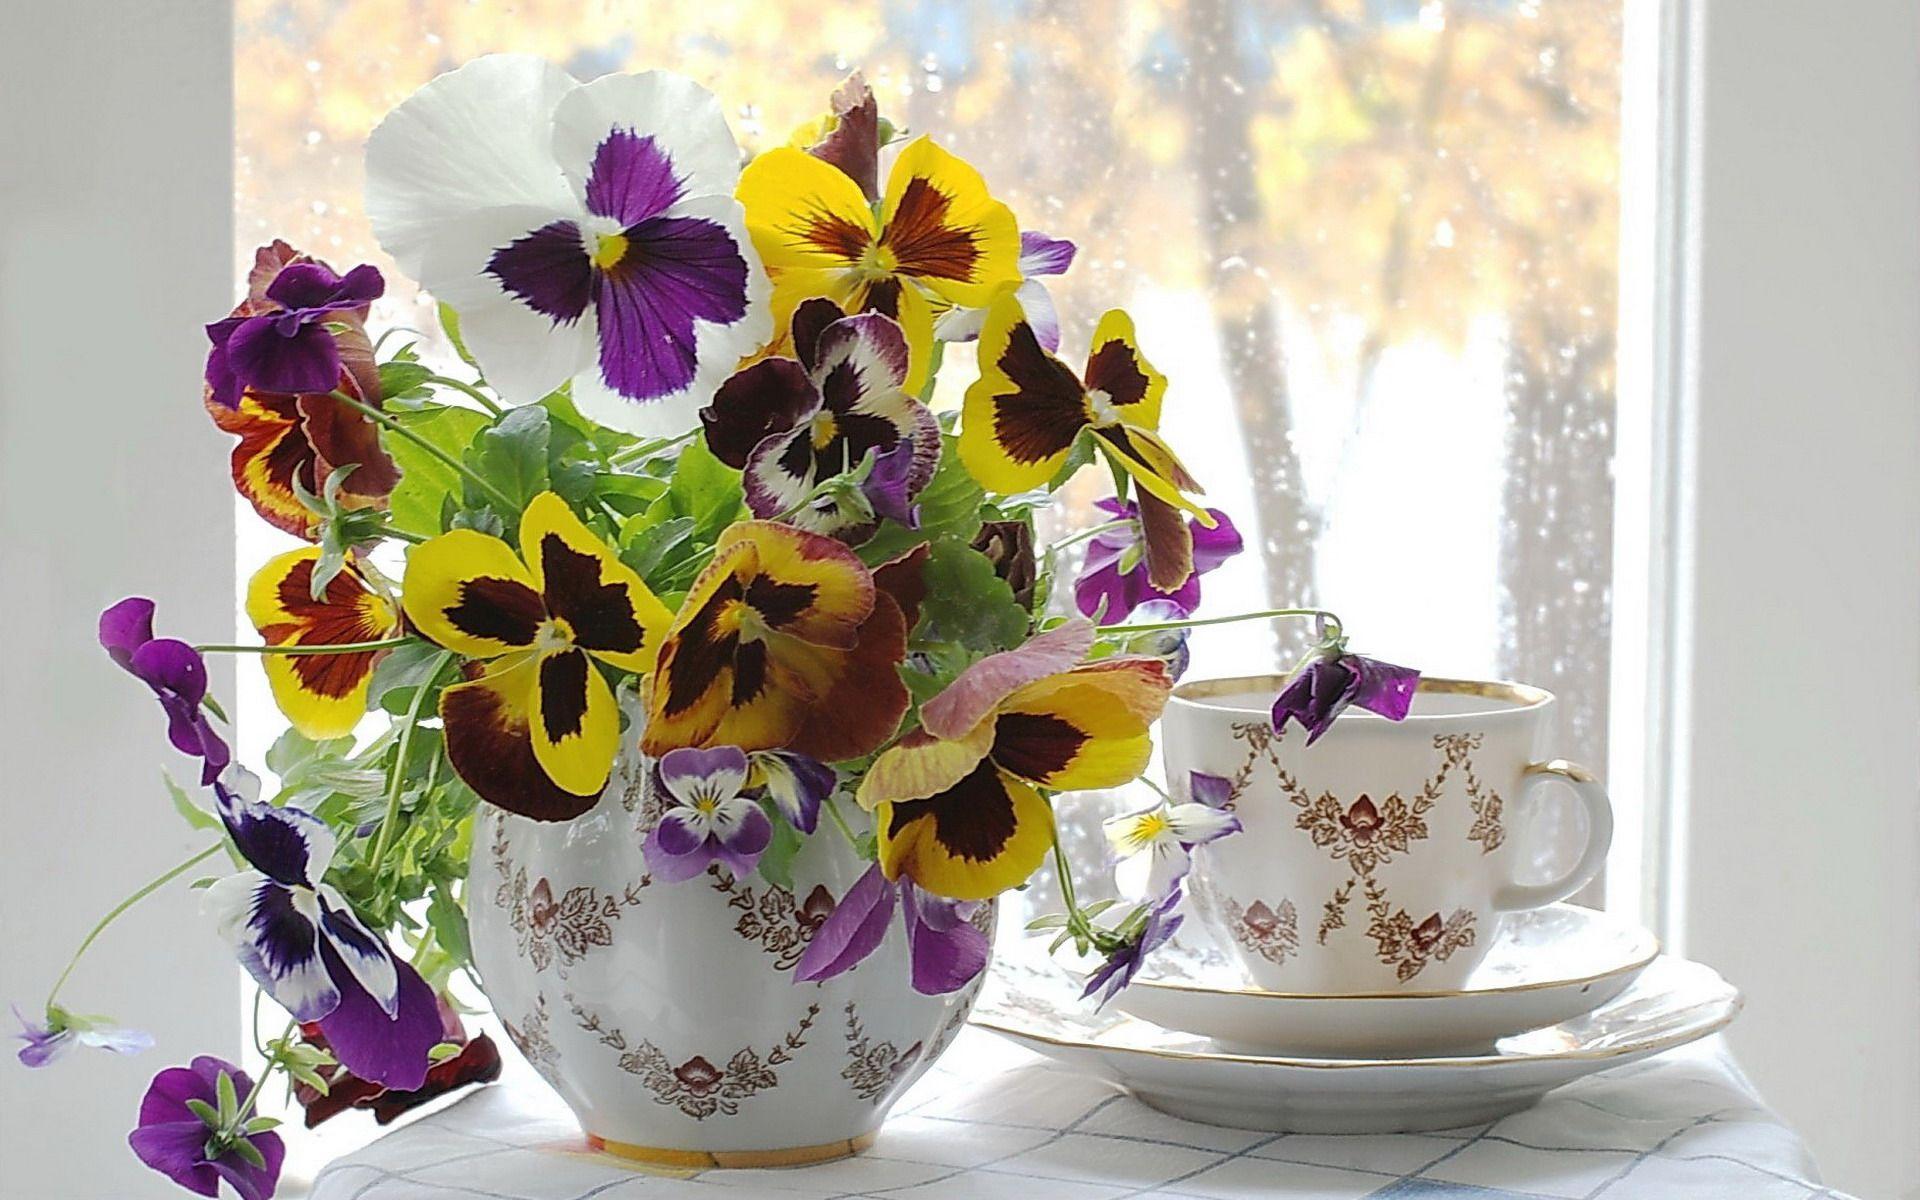 Цветы Анютины глазки (Виола) Обои рабочий стол | Amores ...